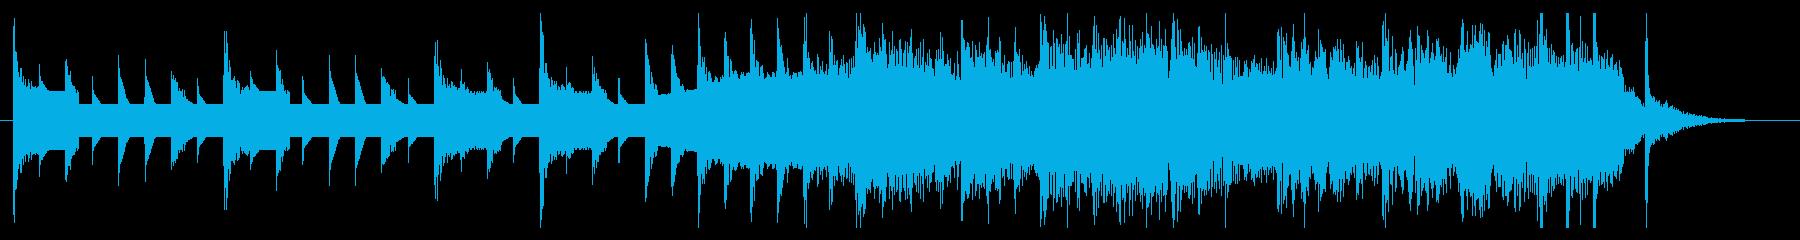 ファミコン風 かわいい&ハッピーな曲の再生済みの波形